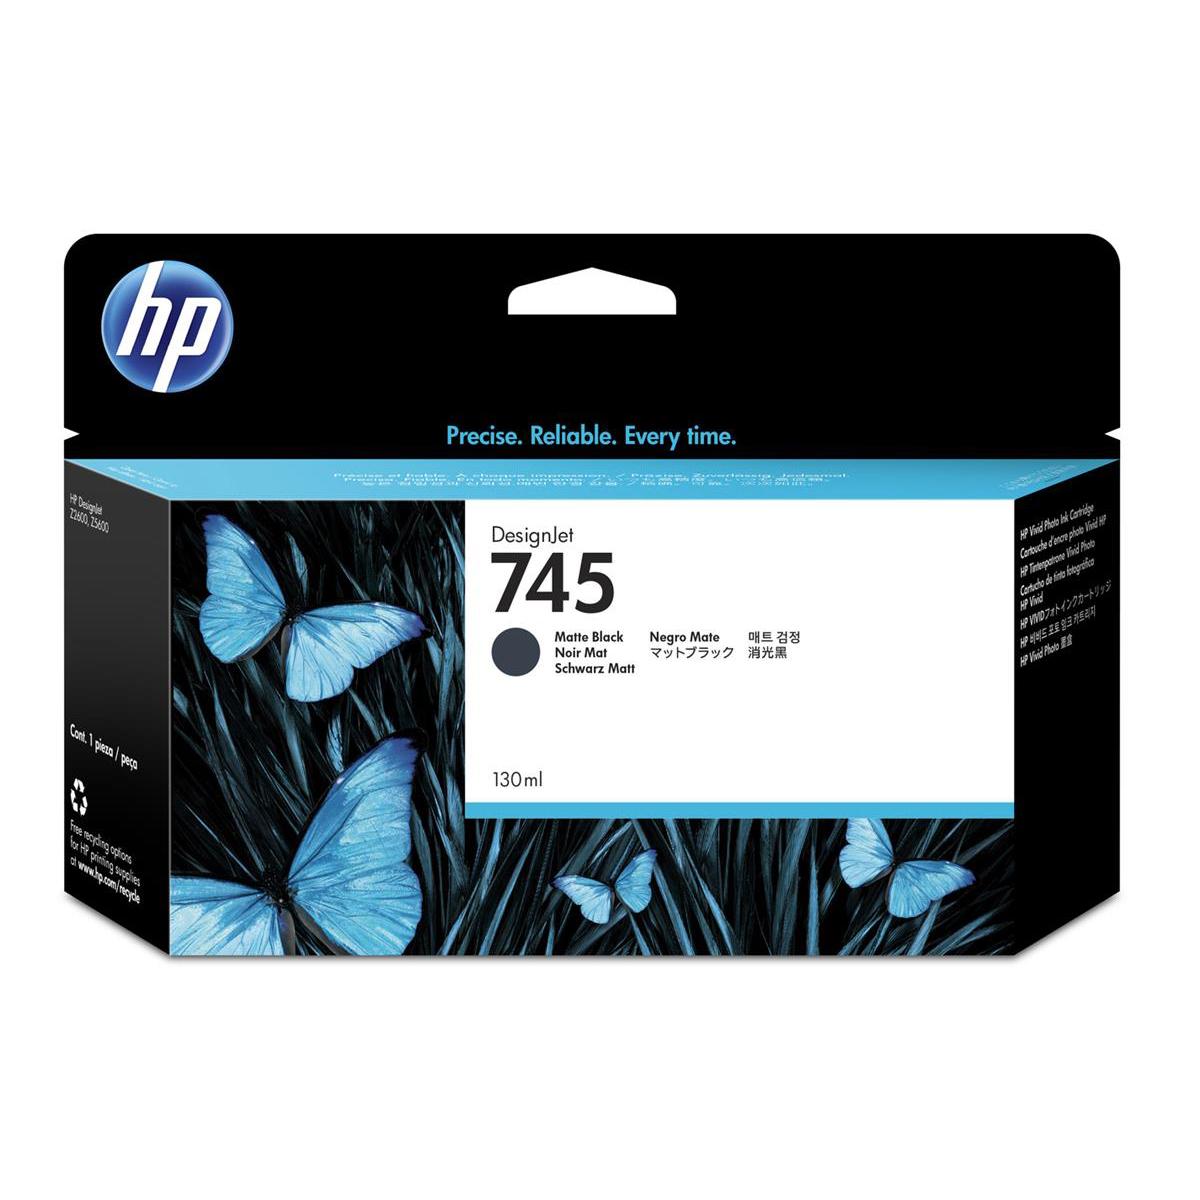 HP 745 130ml DesignJet Matte Black Ink Cartridge F9J99A *3 to 5 Day Leadtime*